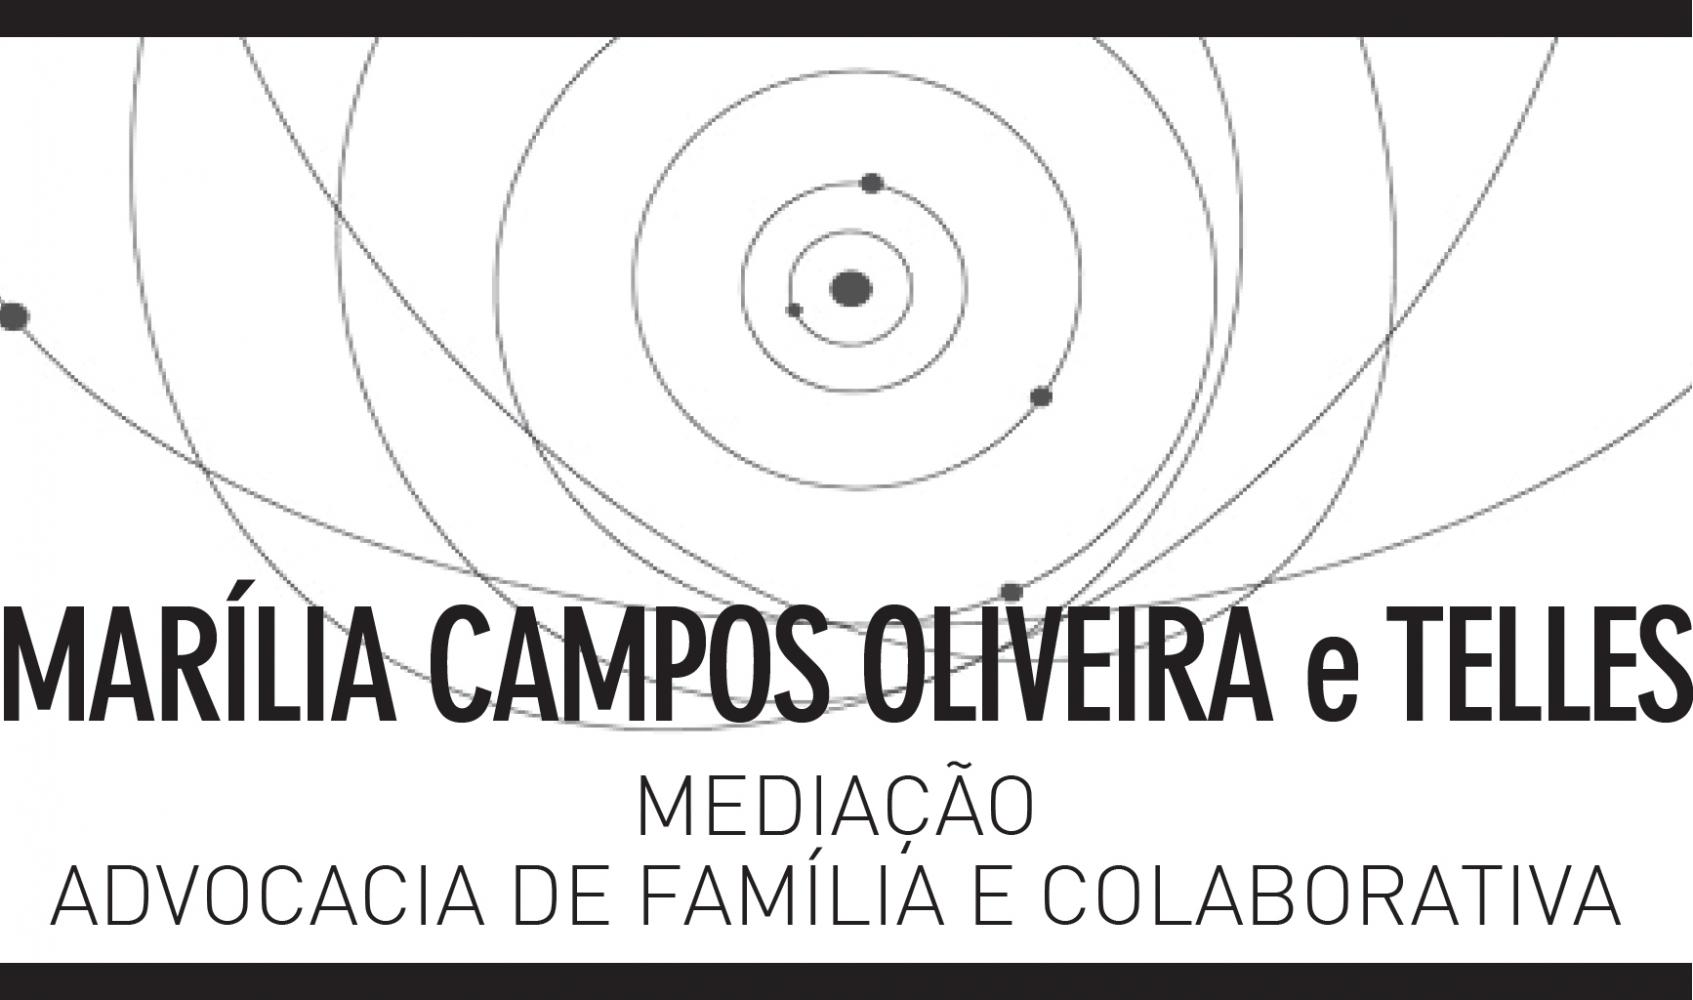 Marília Campos Oliveira e Telles